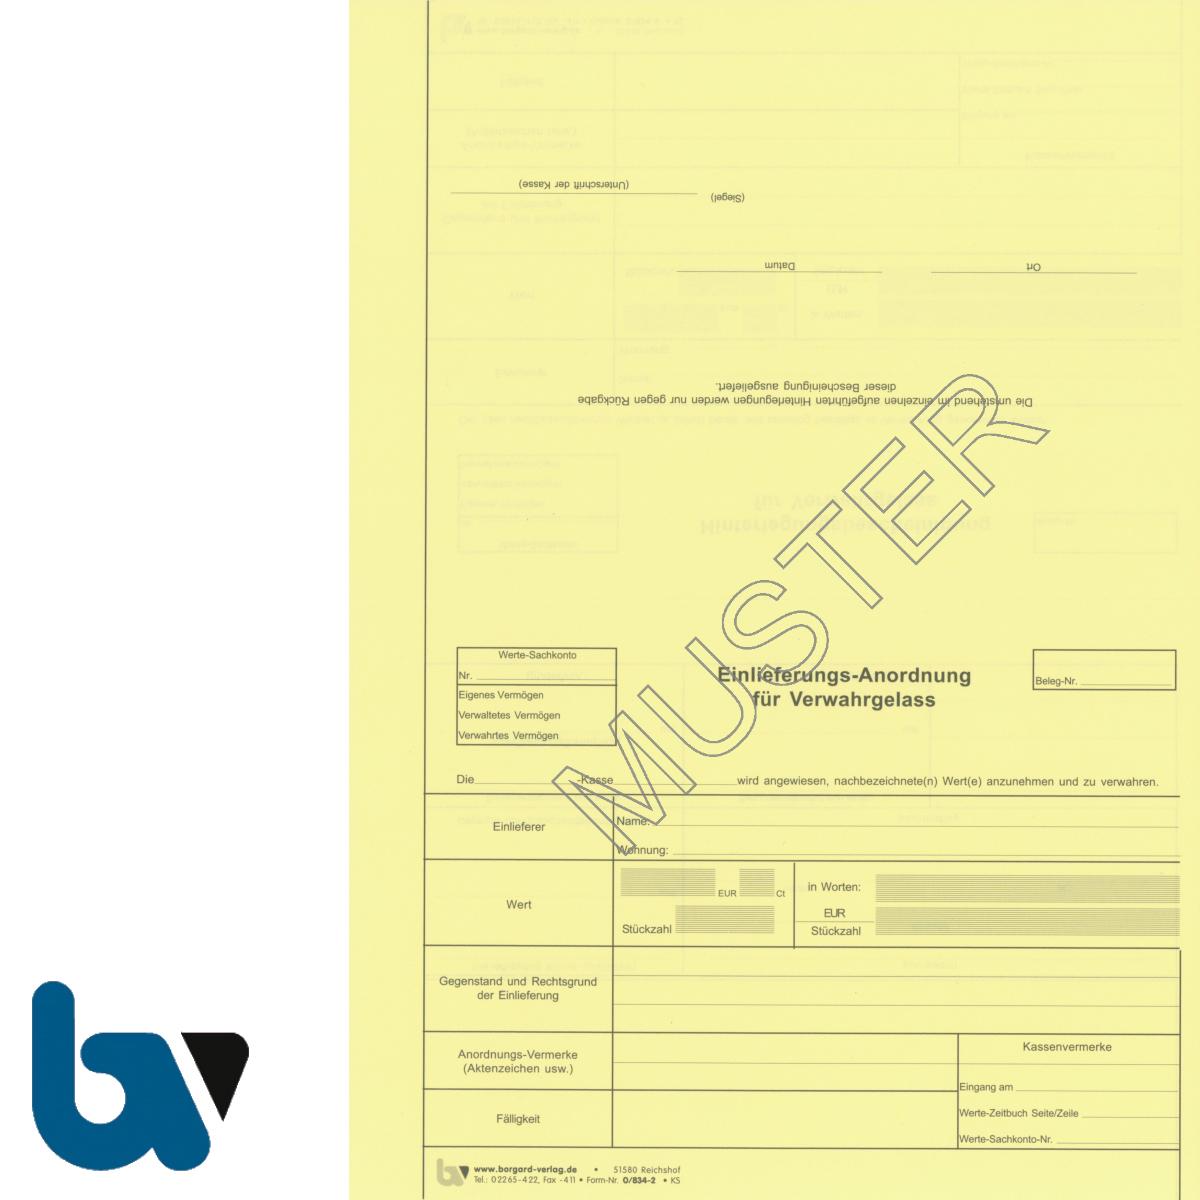 0/834-2 Einlieferungs Anordnung Verwahrgelass Hinterlegungsbescheinigung perforiert gelb DIN A4 Vorderseite | Borgard Verlag GmbH